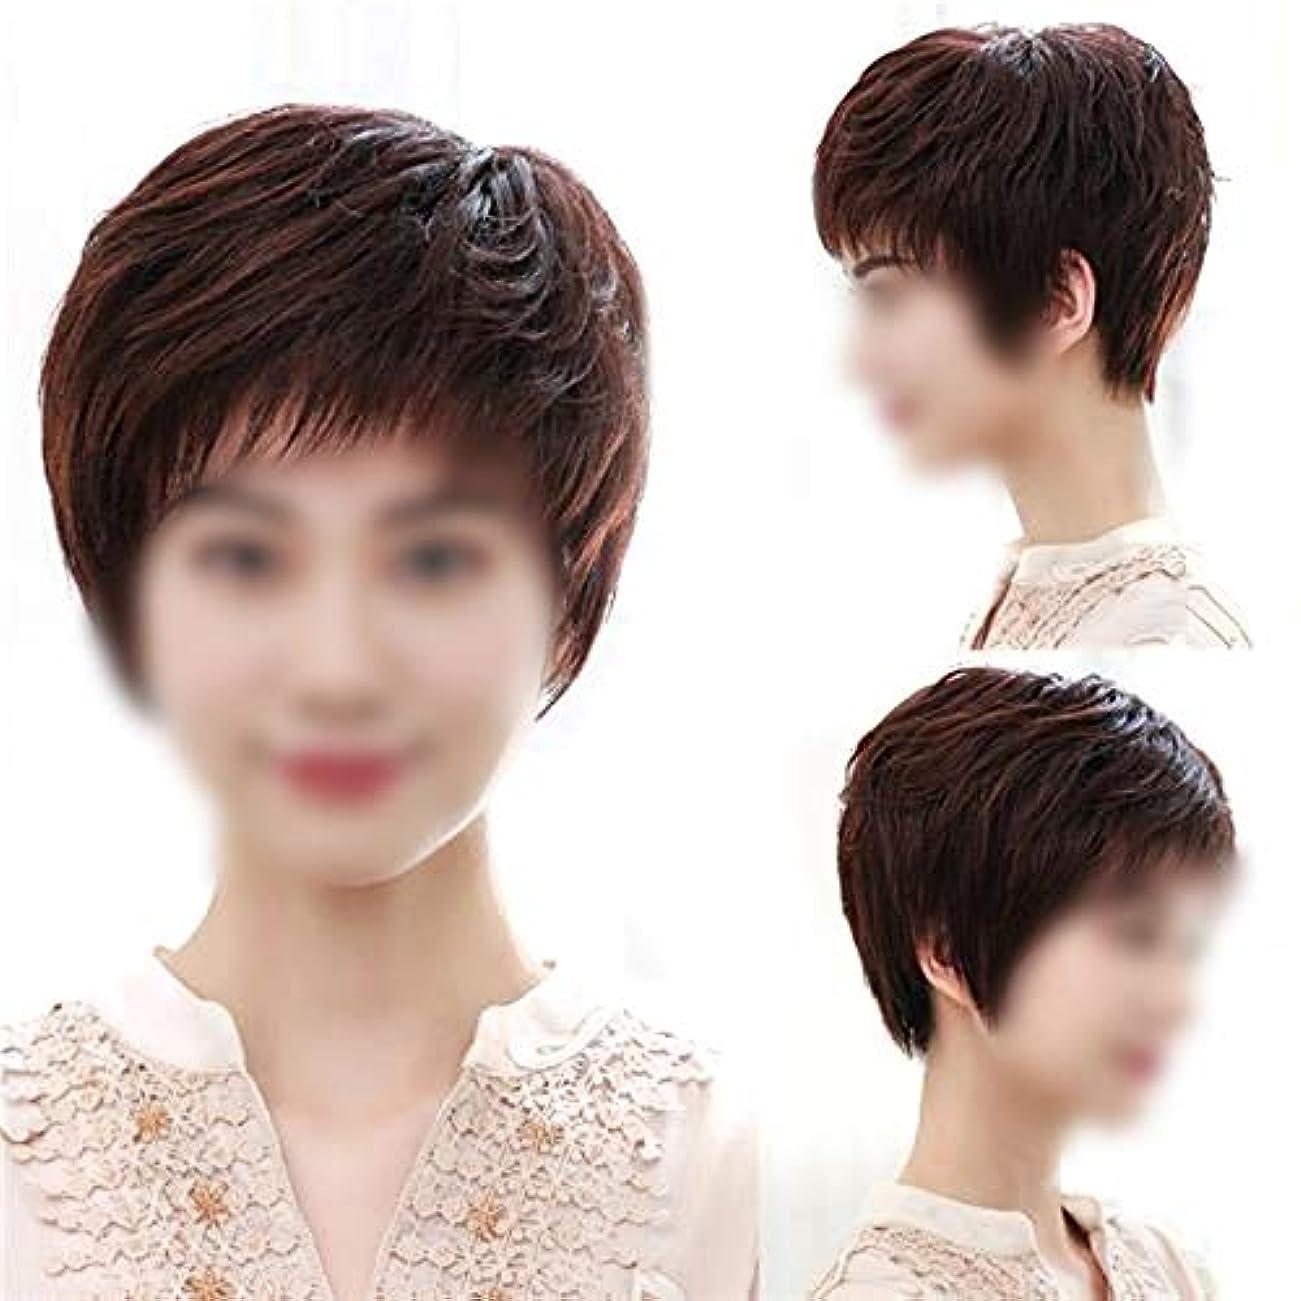 グラス外交問題ミリメートルYOUQIU 女子ダークブラウンショートヘア中年手織りの実髪の髪の自然のリアルなウィッグウィッグ (色 : Natural black)